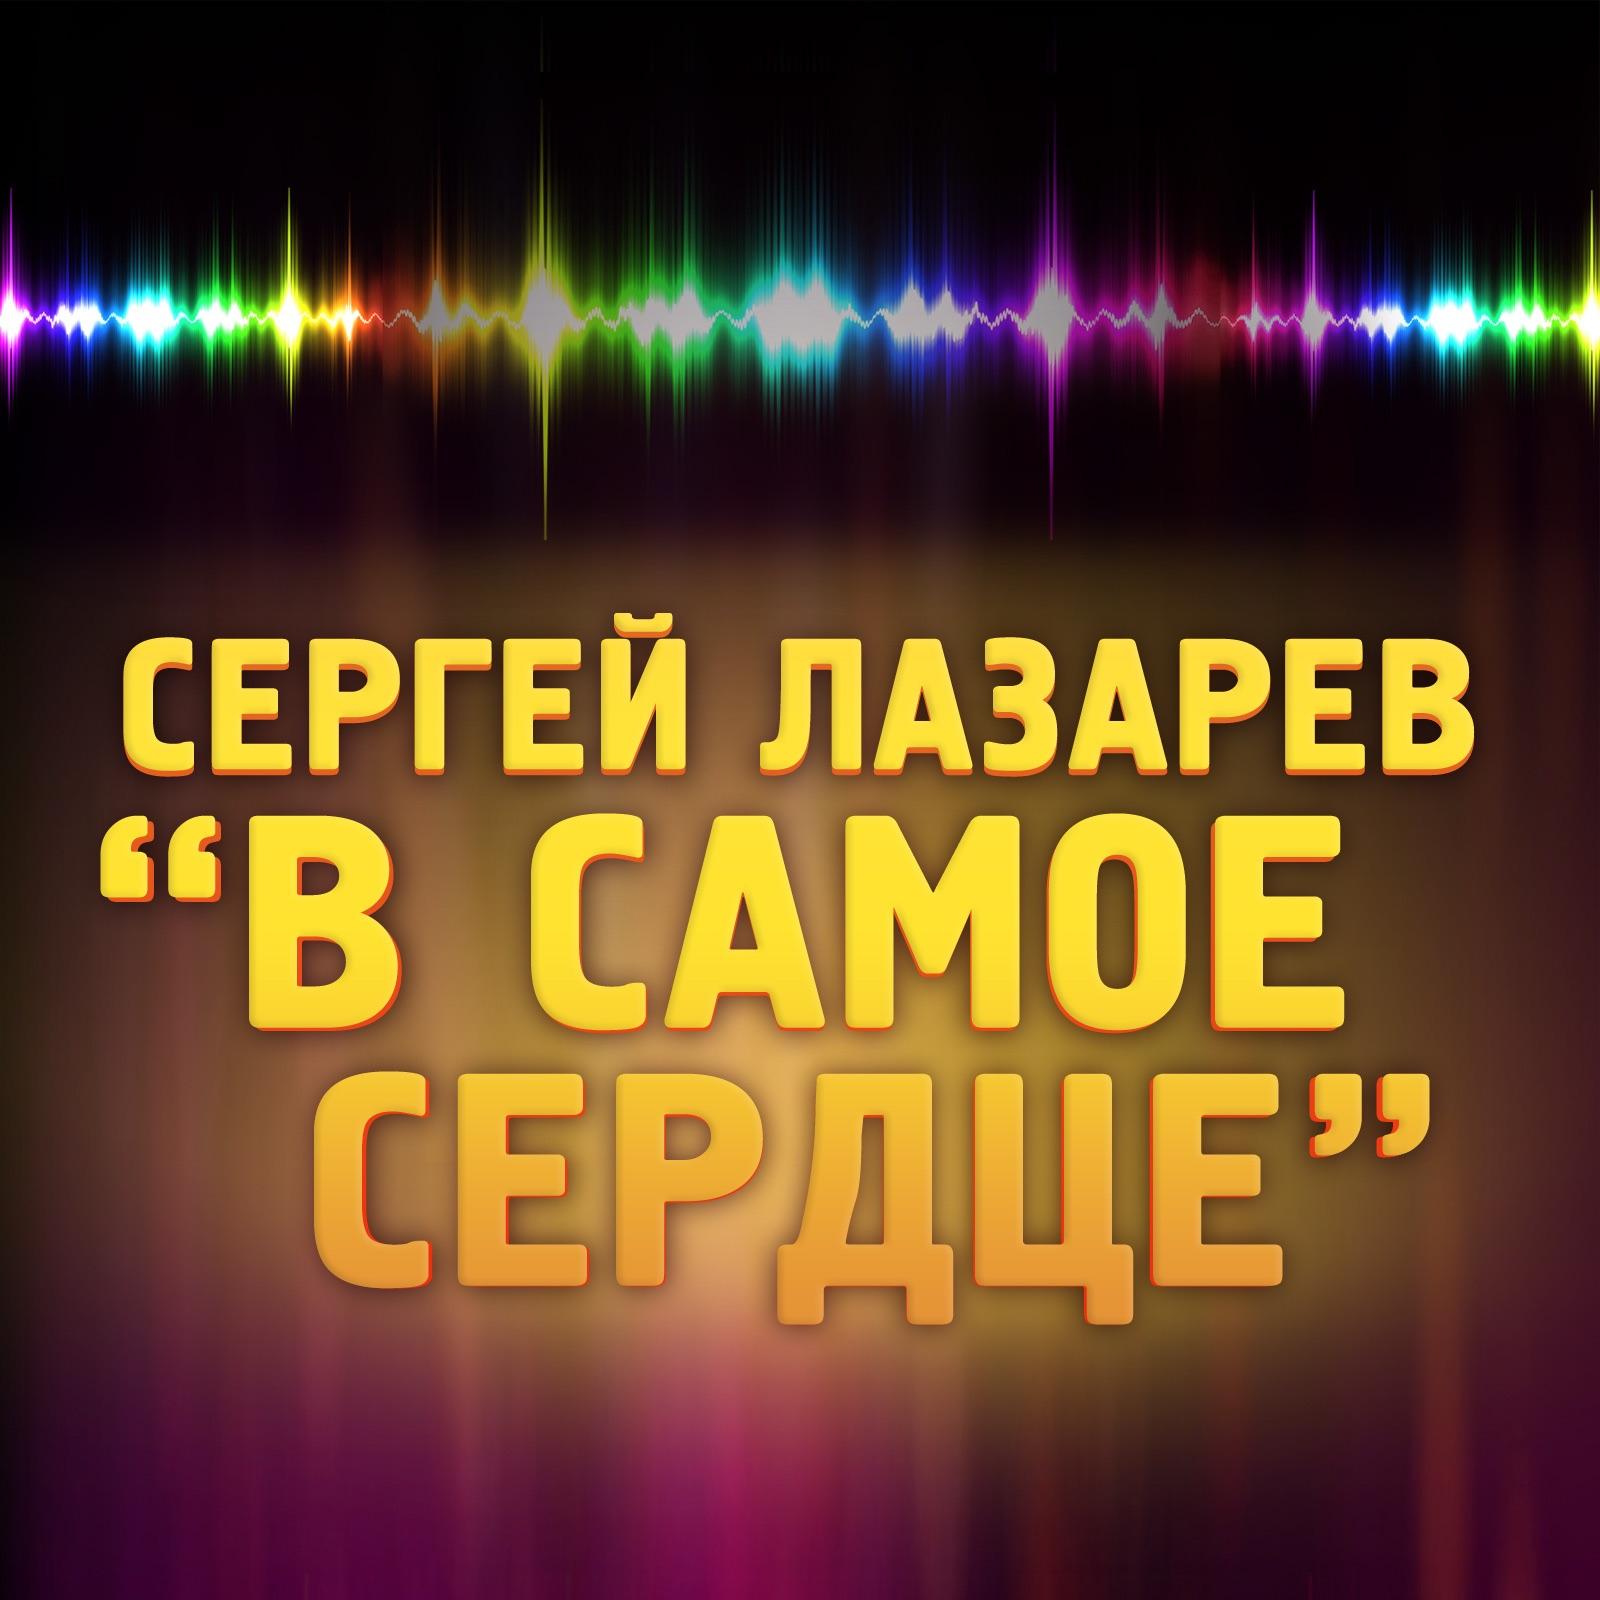 Сергей лазаревв самое сердце скачать песню